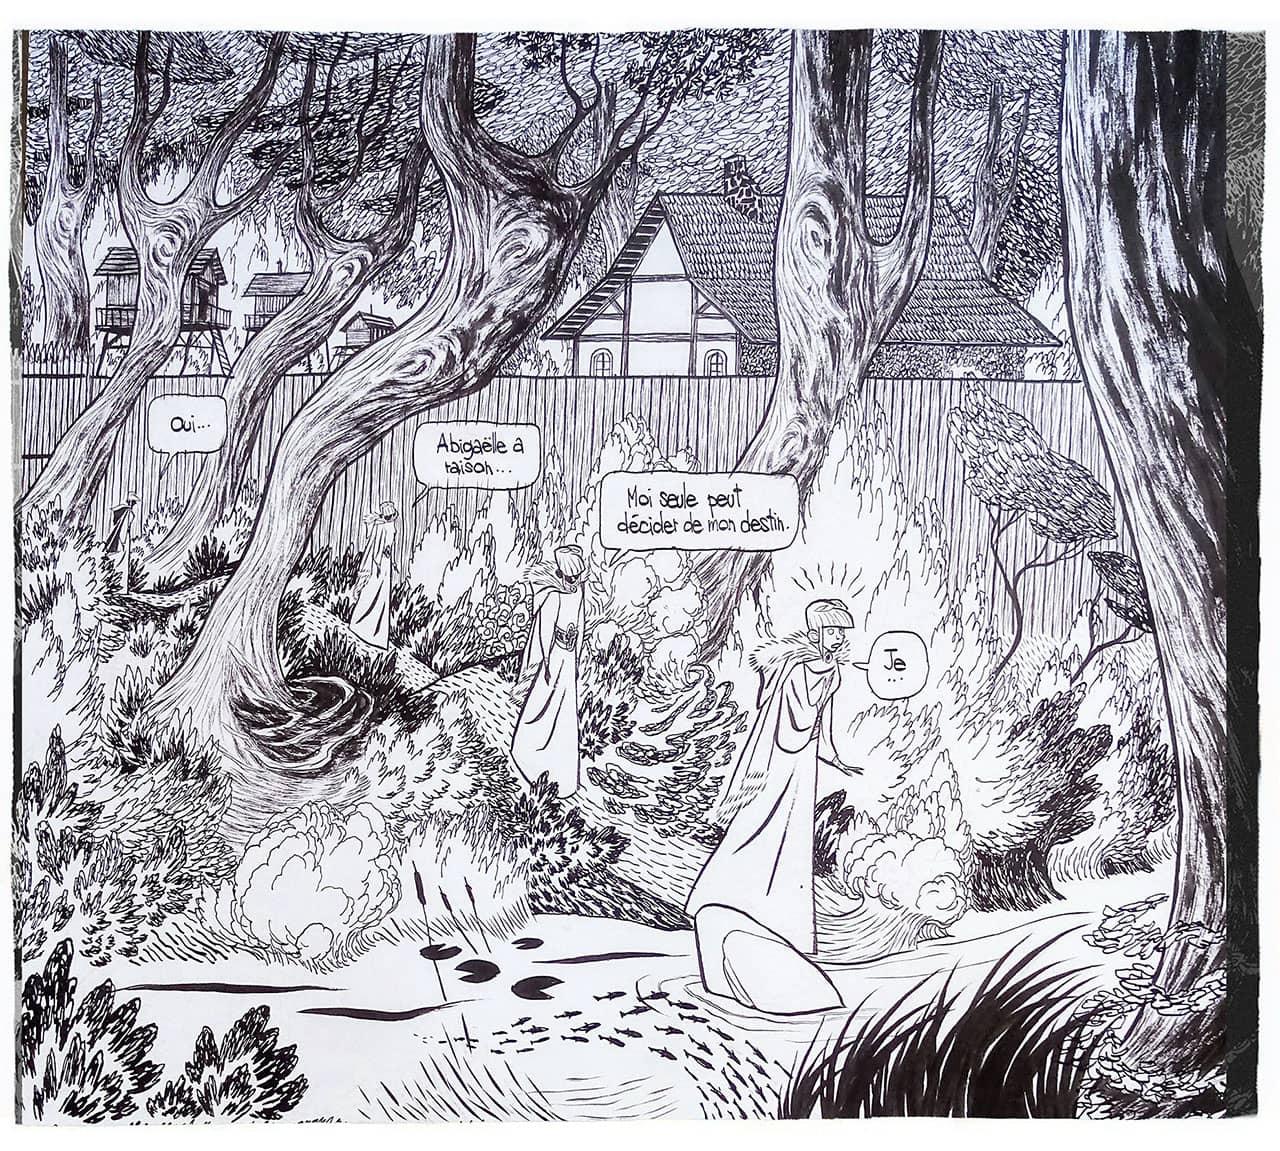 Une case dessiné en noir et blanc présentant l'avancement de Tilda dans une forêt